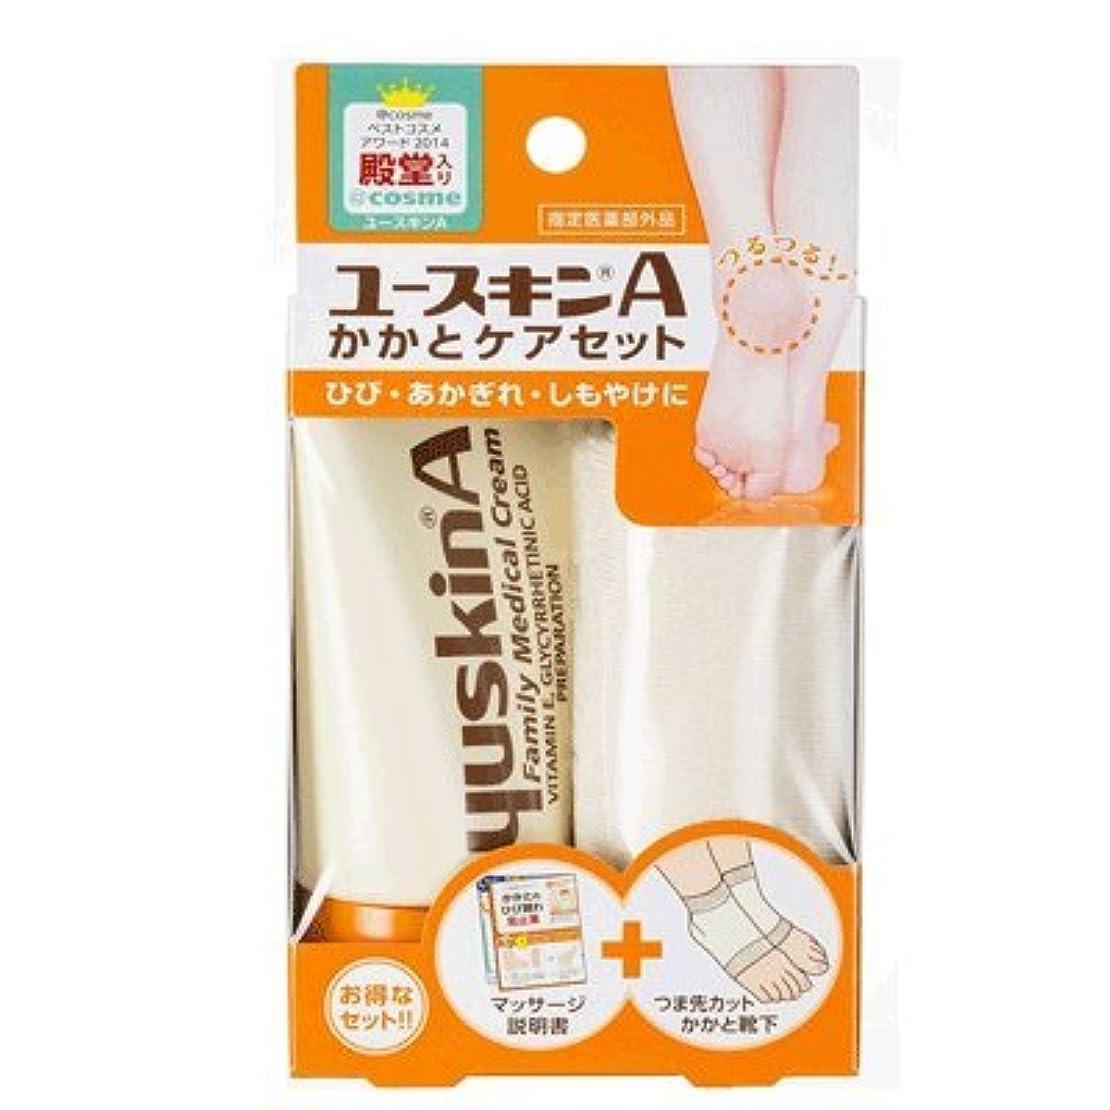 安心させるエミュレーション袋ユースキンA かかとケアセット 60g (靴下つき 保湿クリーム) [指定医薬部外品]×2個セット